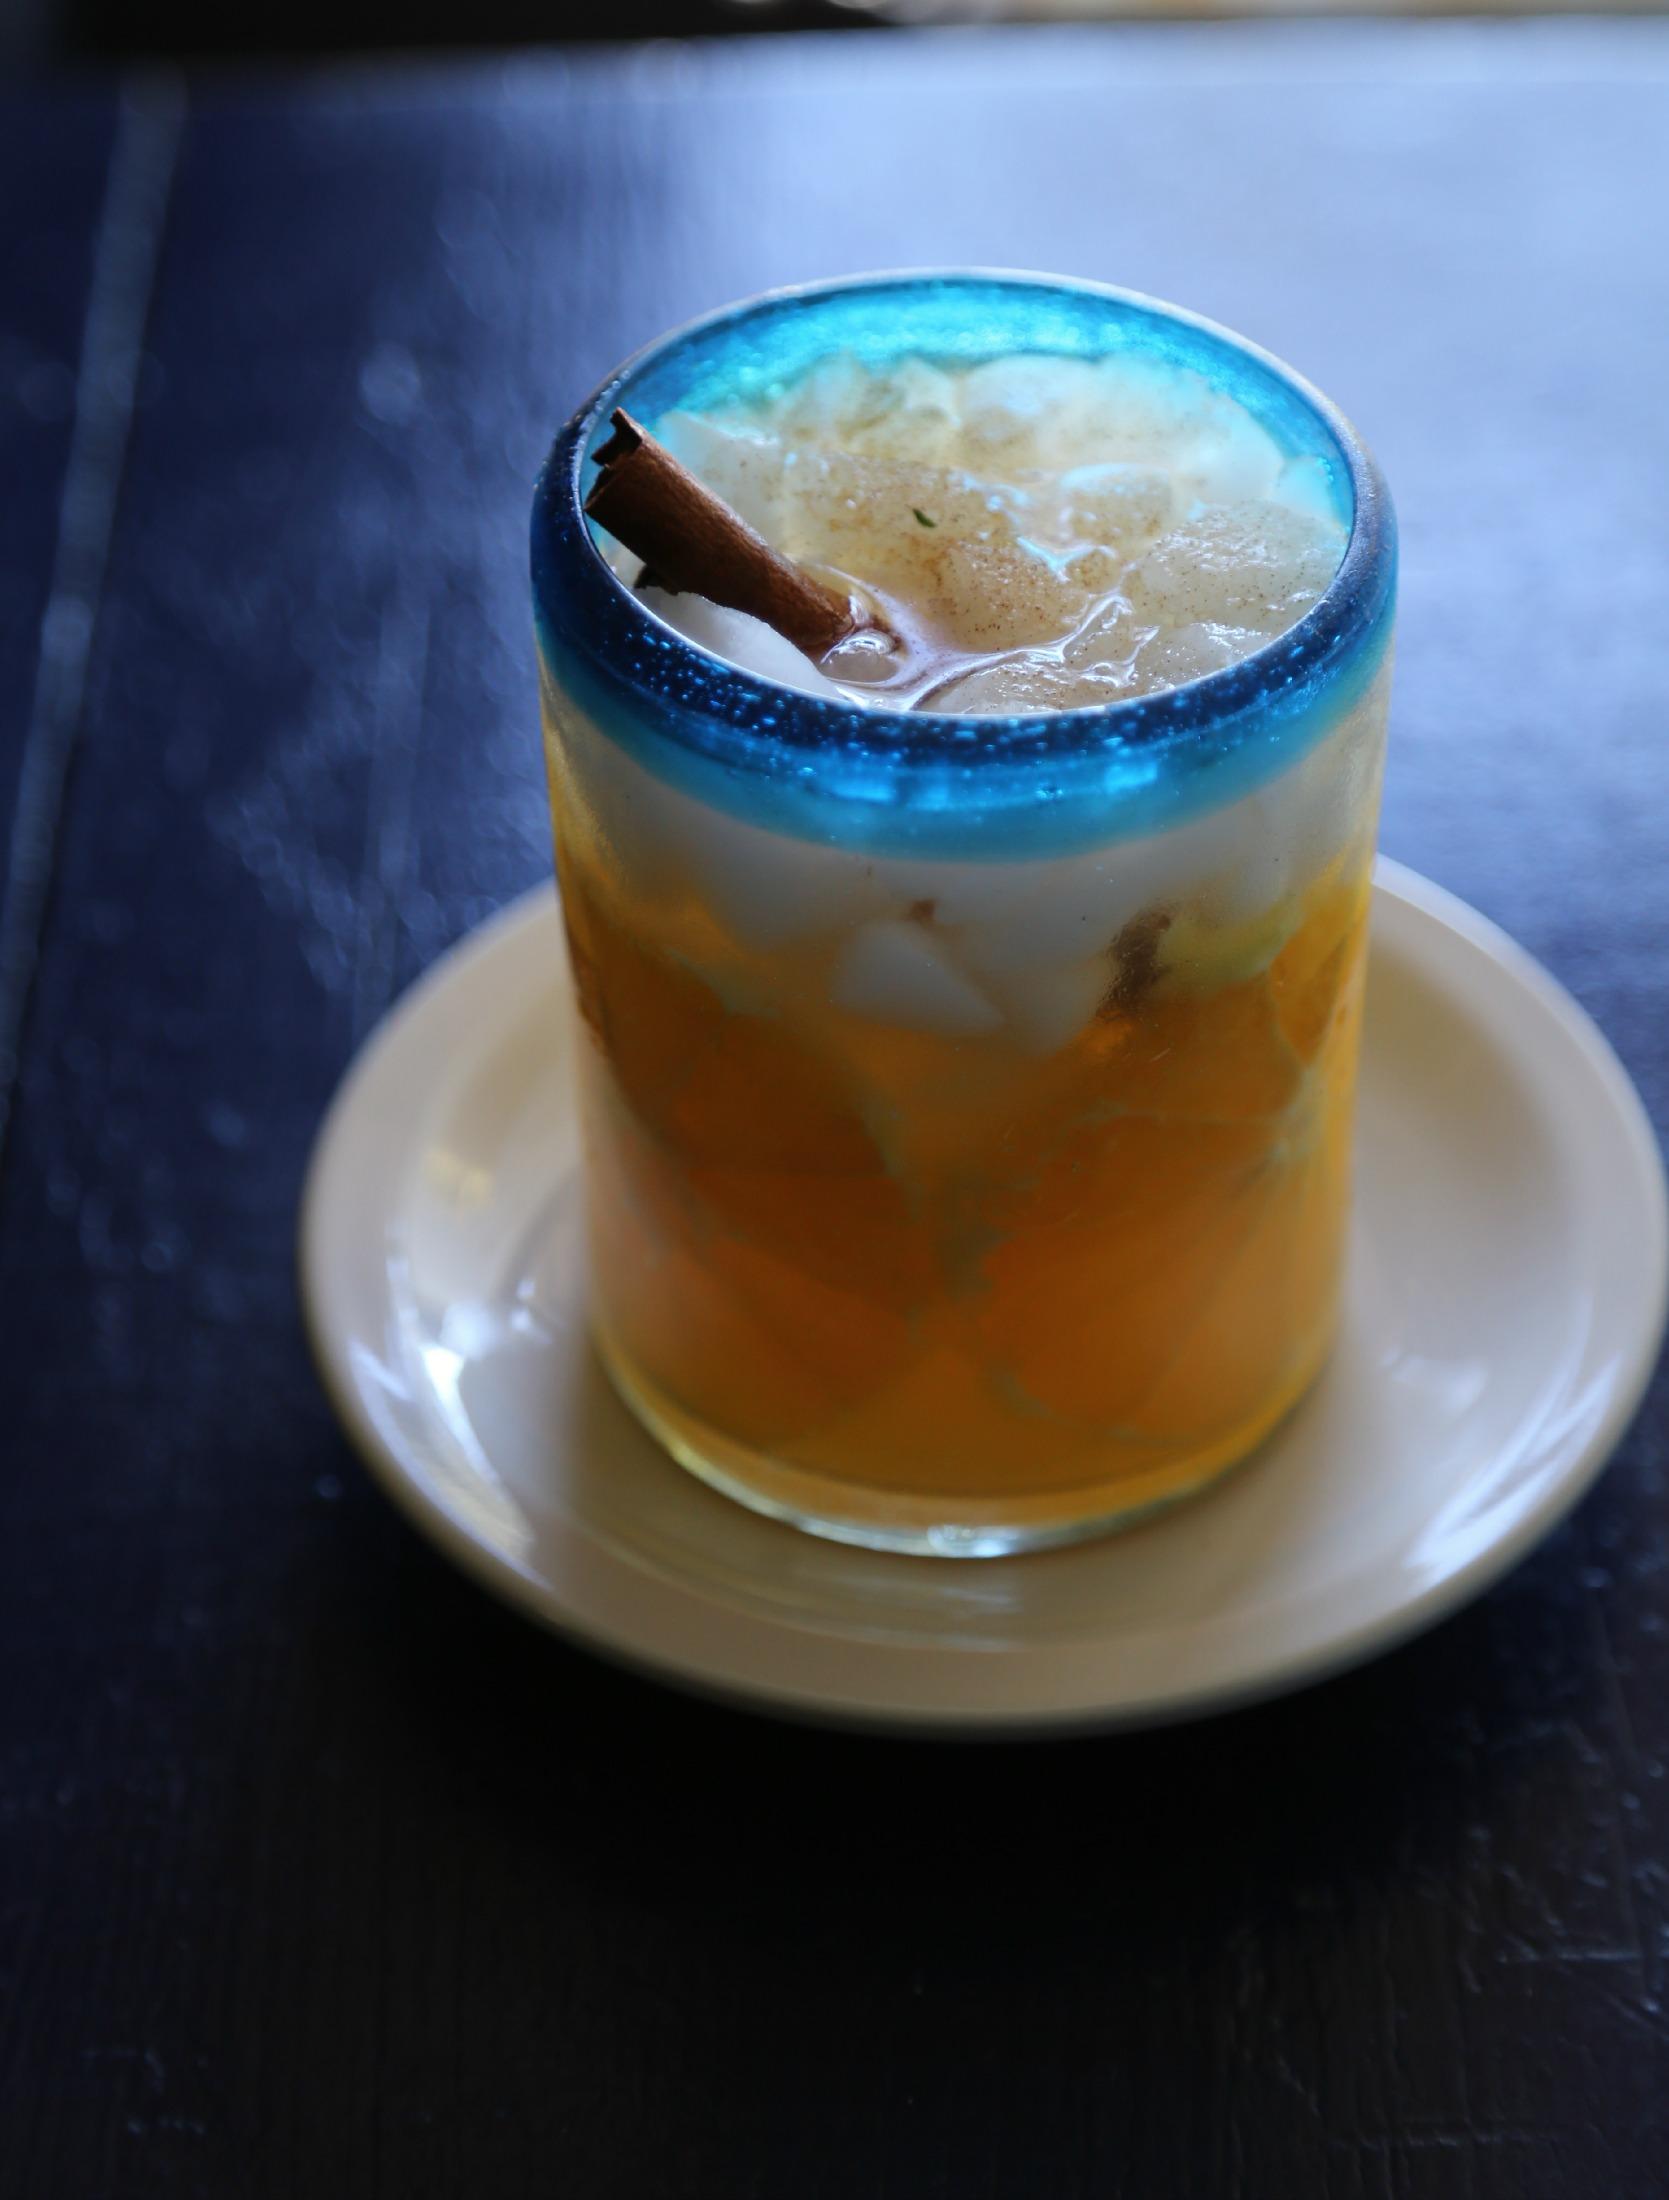 margarita-orange-cinnamon-VianneyRodriguez-sweetlifebake